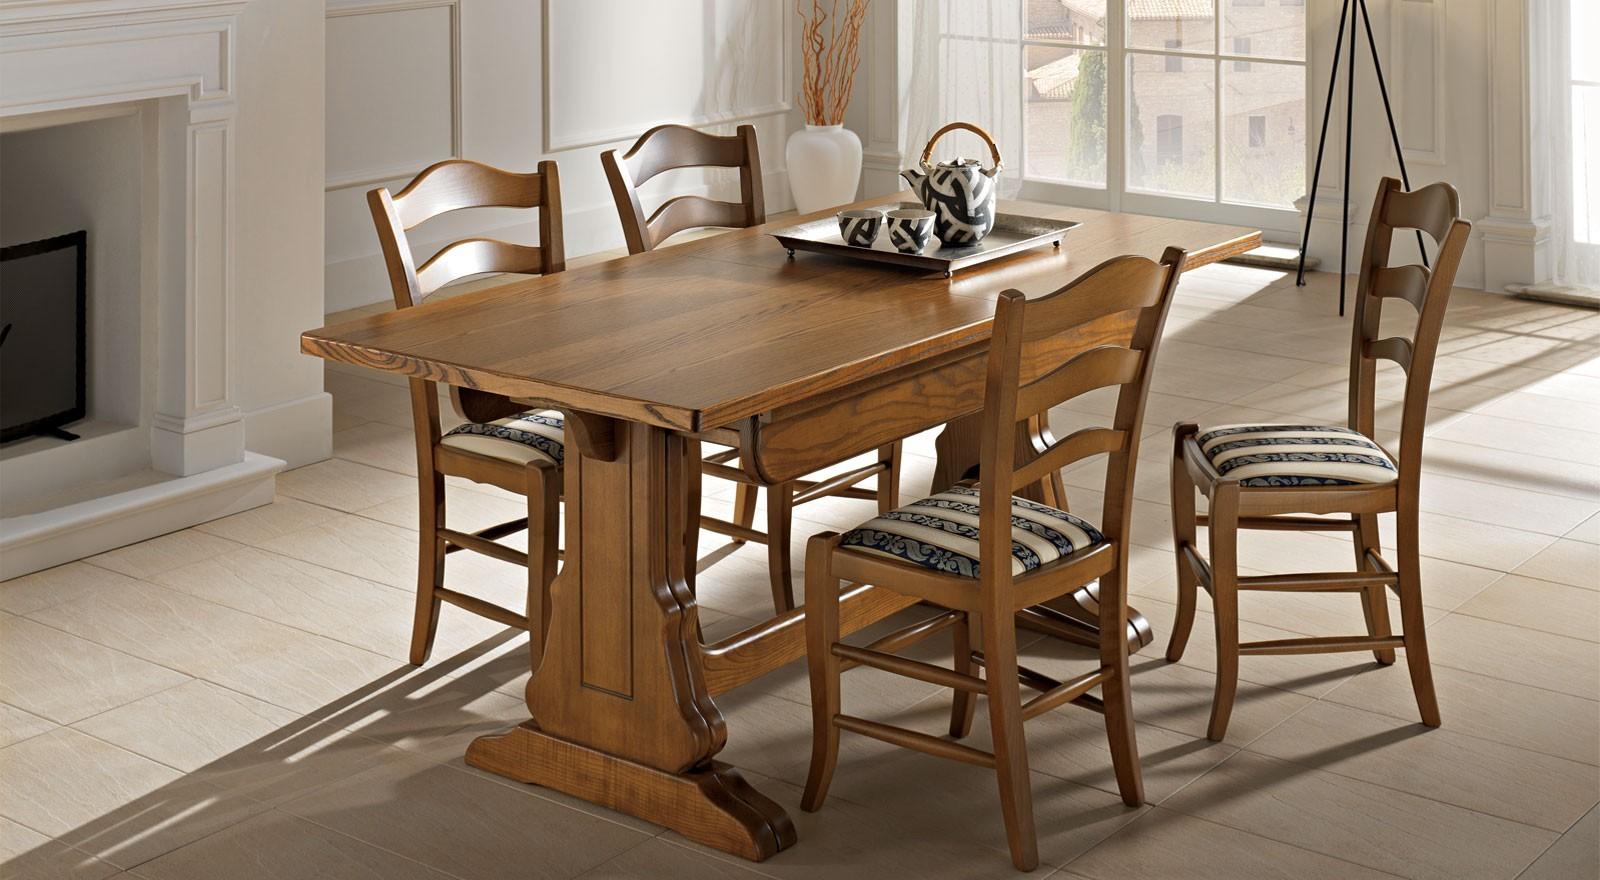 Tavolo fratino da 180x90 cm in legno allungabile a 4 metri newtom